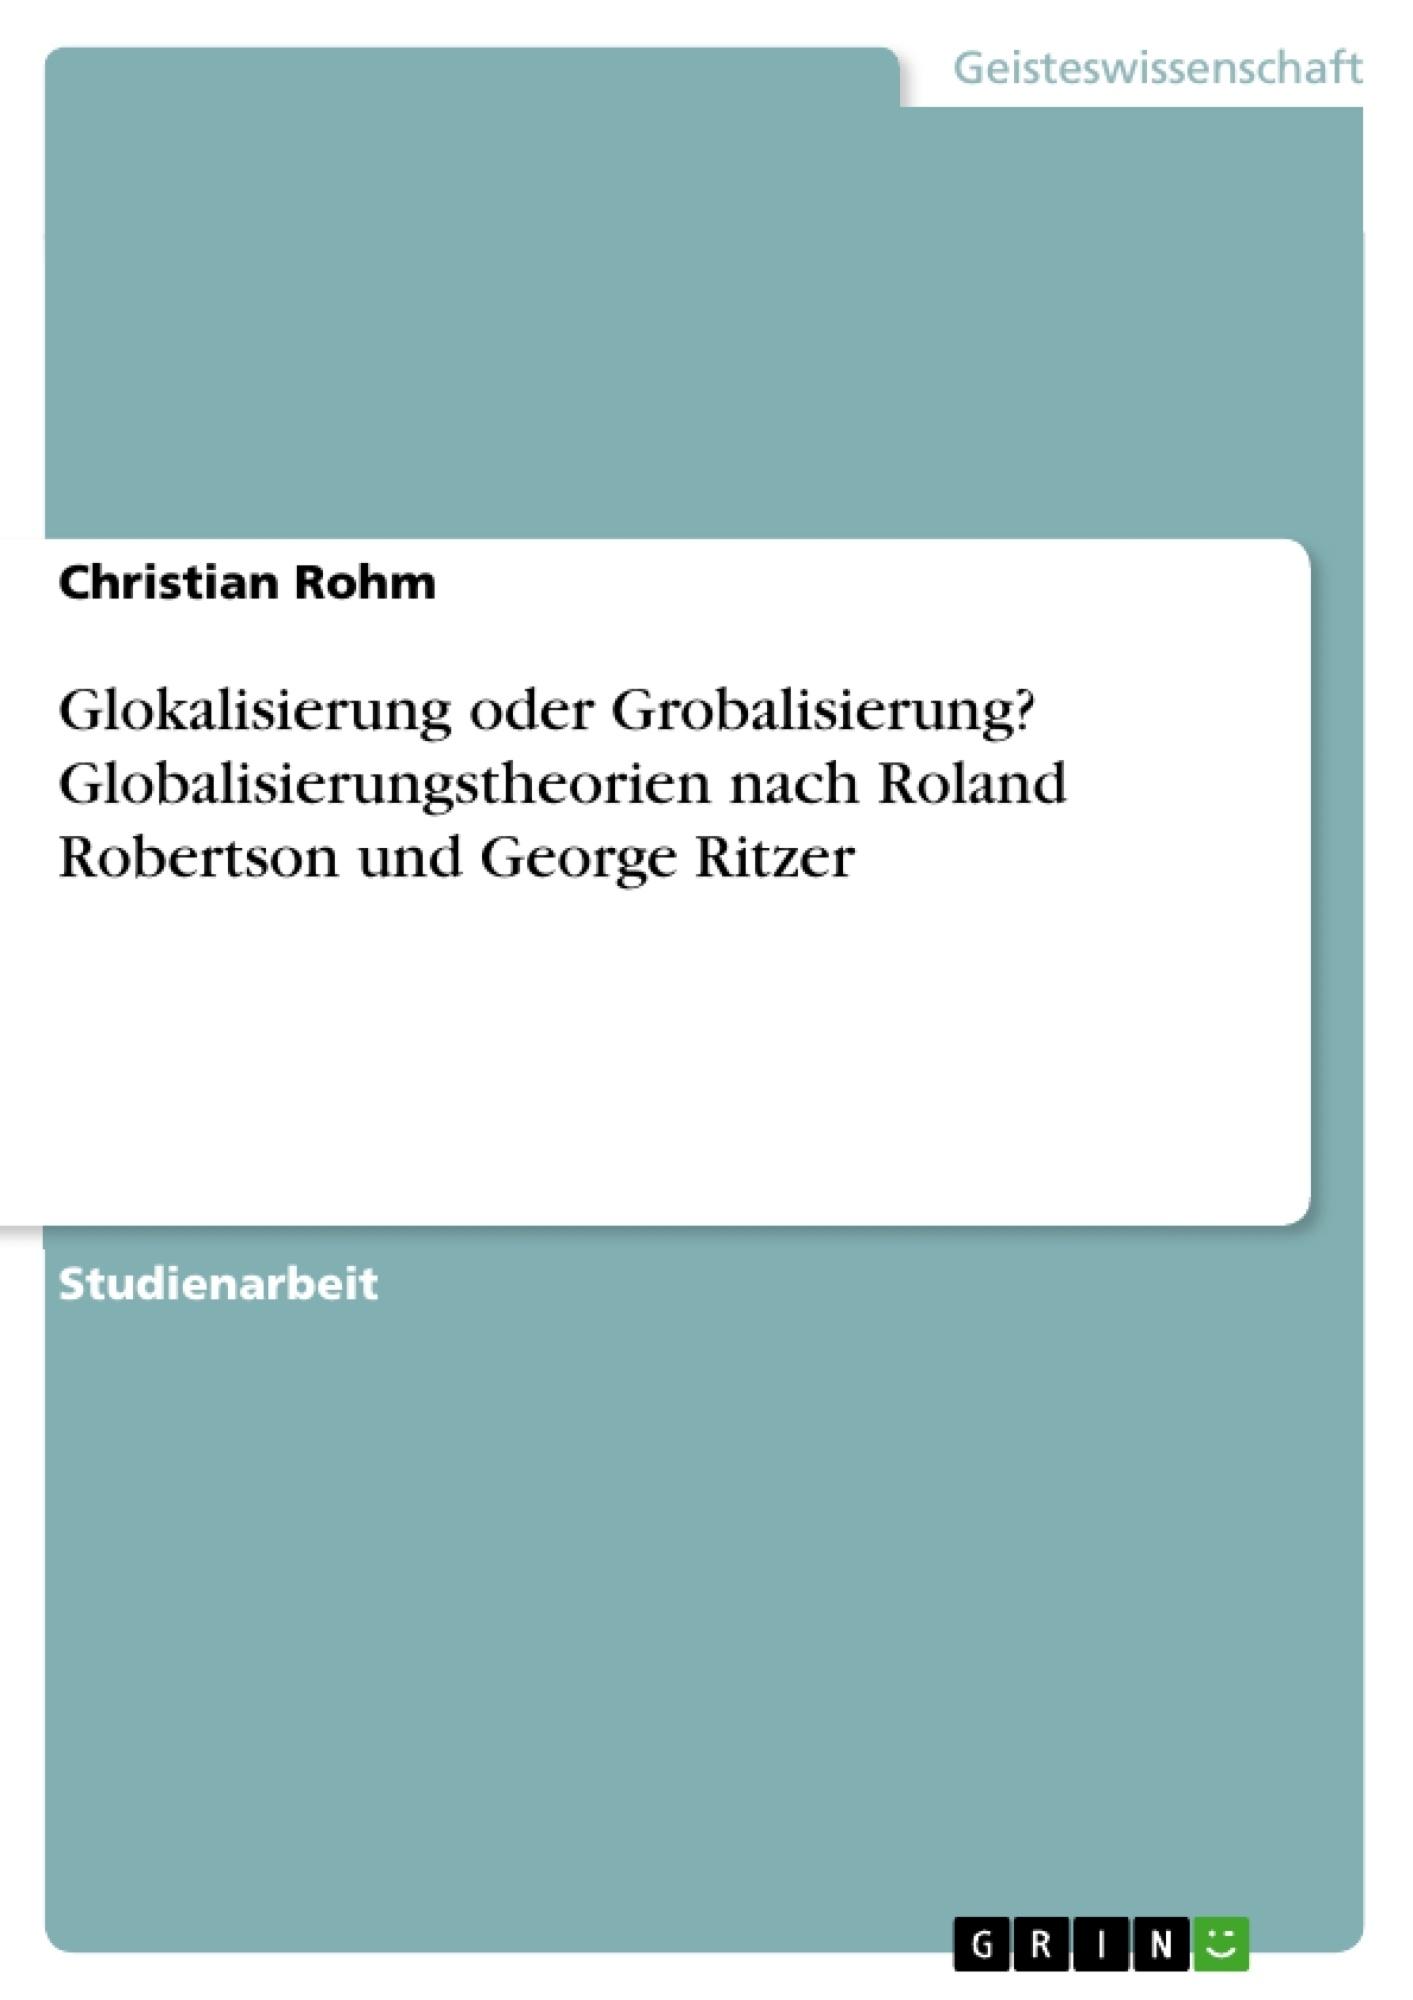 Titel: Glokalisierung oder Grobalisierung? Globalisierungstheorien nach Roland Robertson und George Ritzer